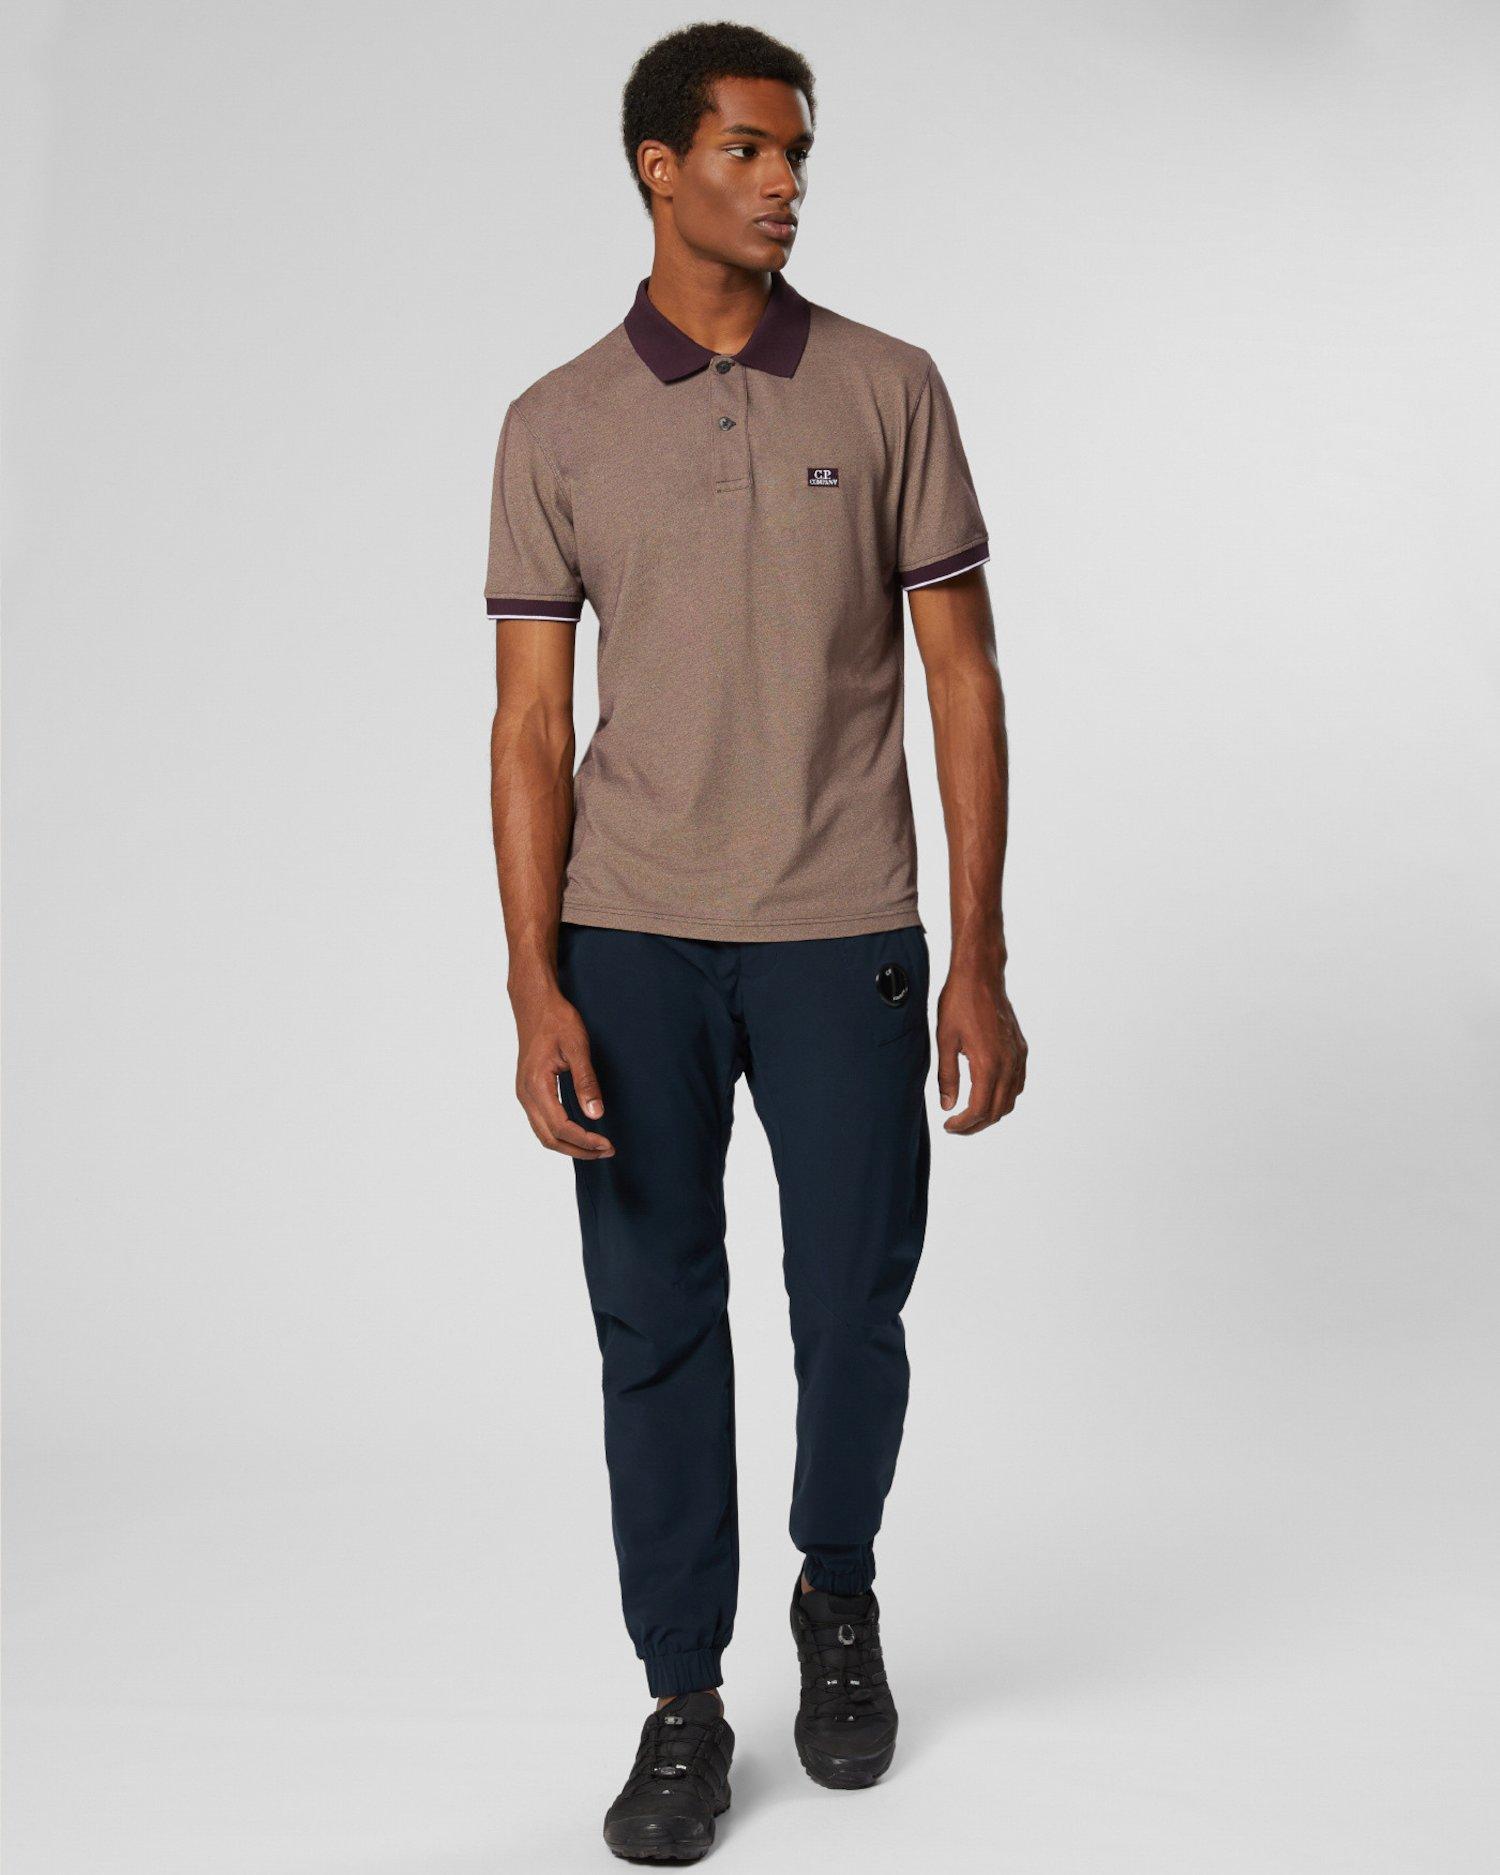 T-shirt polo à manches courtes en piqué Tacting teint en pièce